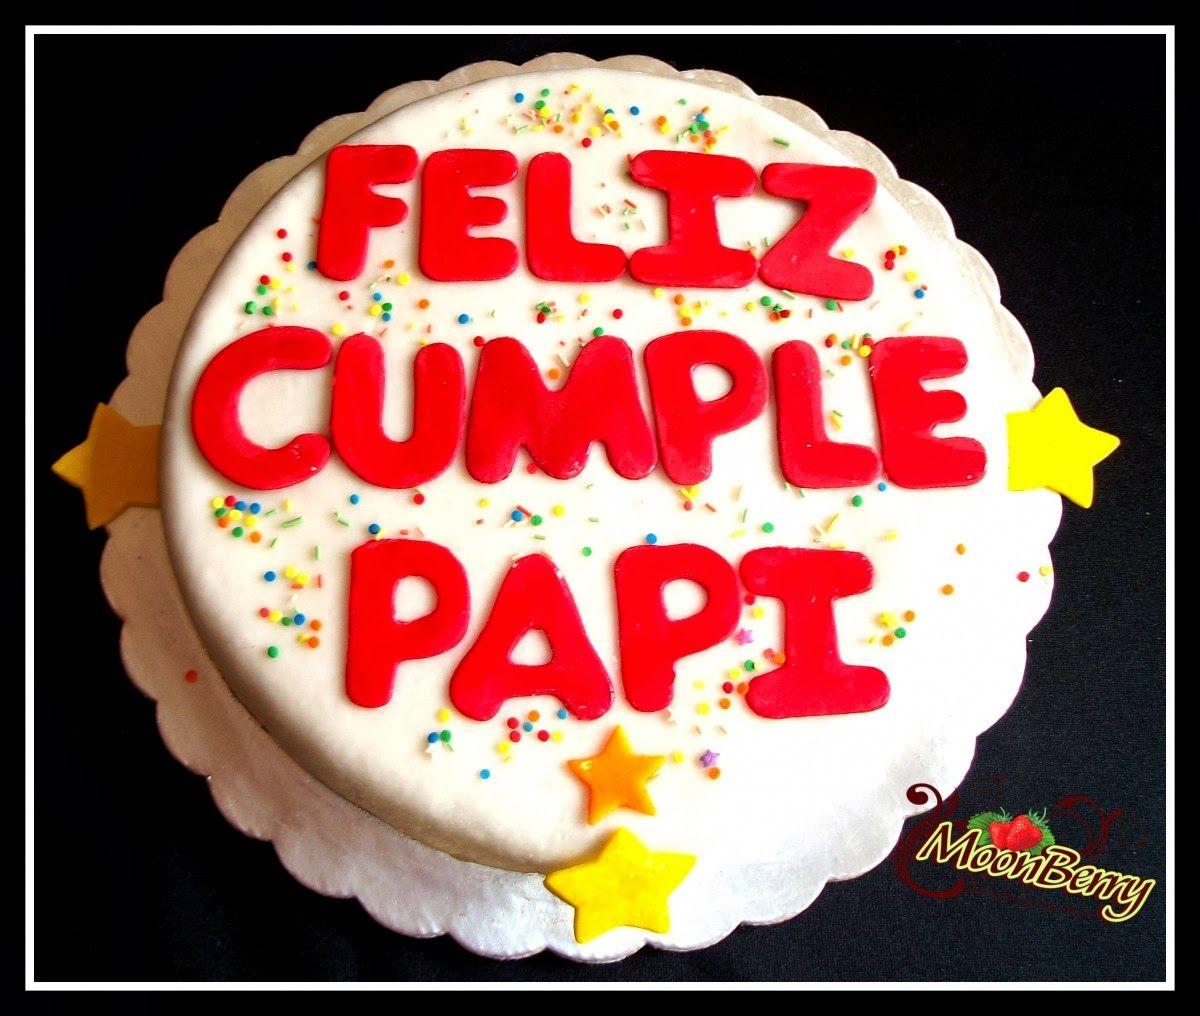 Imágenes de Cumpleaños para Papá | Pinterest | Tarjetas para ...